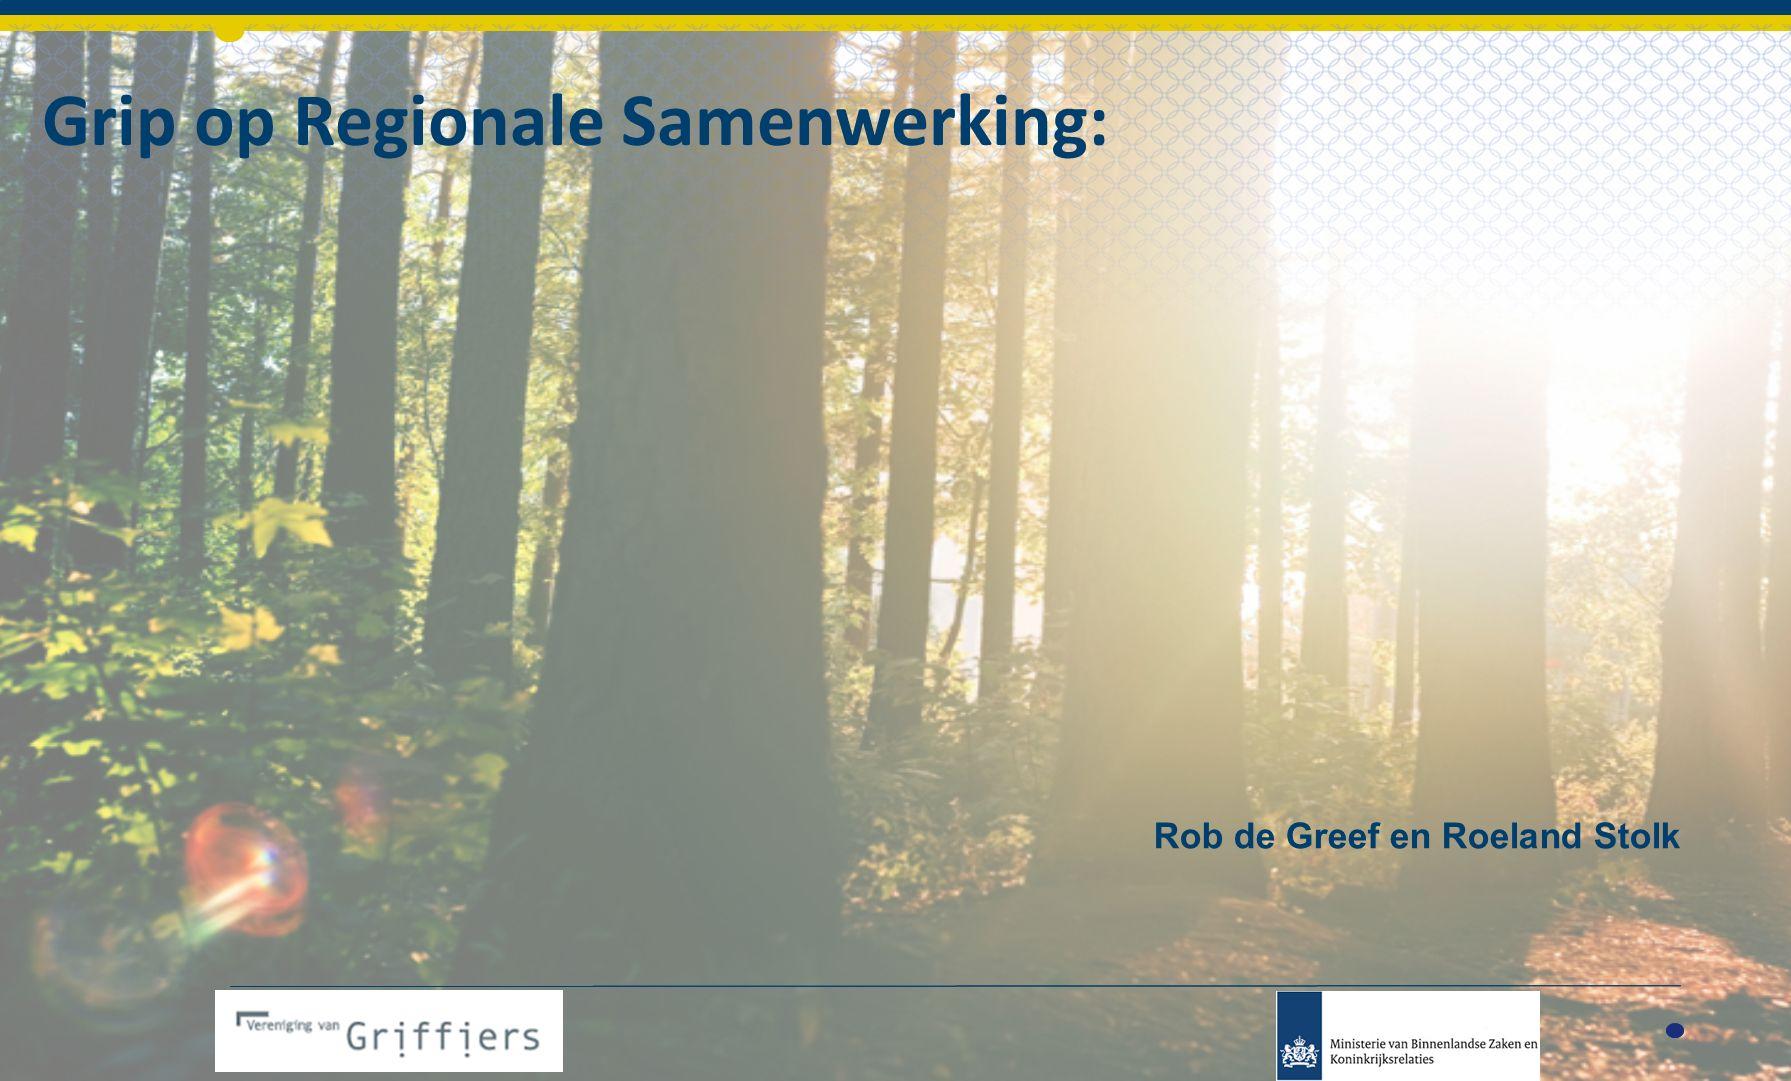 Grip op Regionale Samenwerking: Rob de Greef en Roeland Stolk